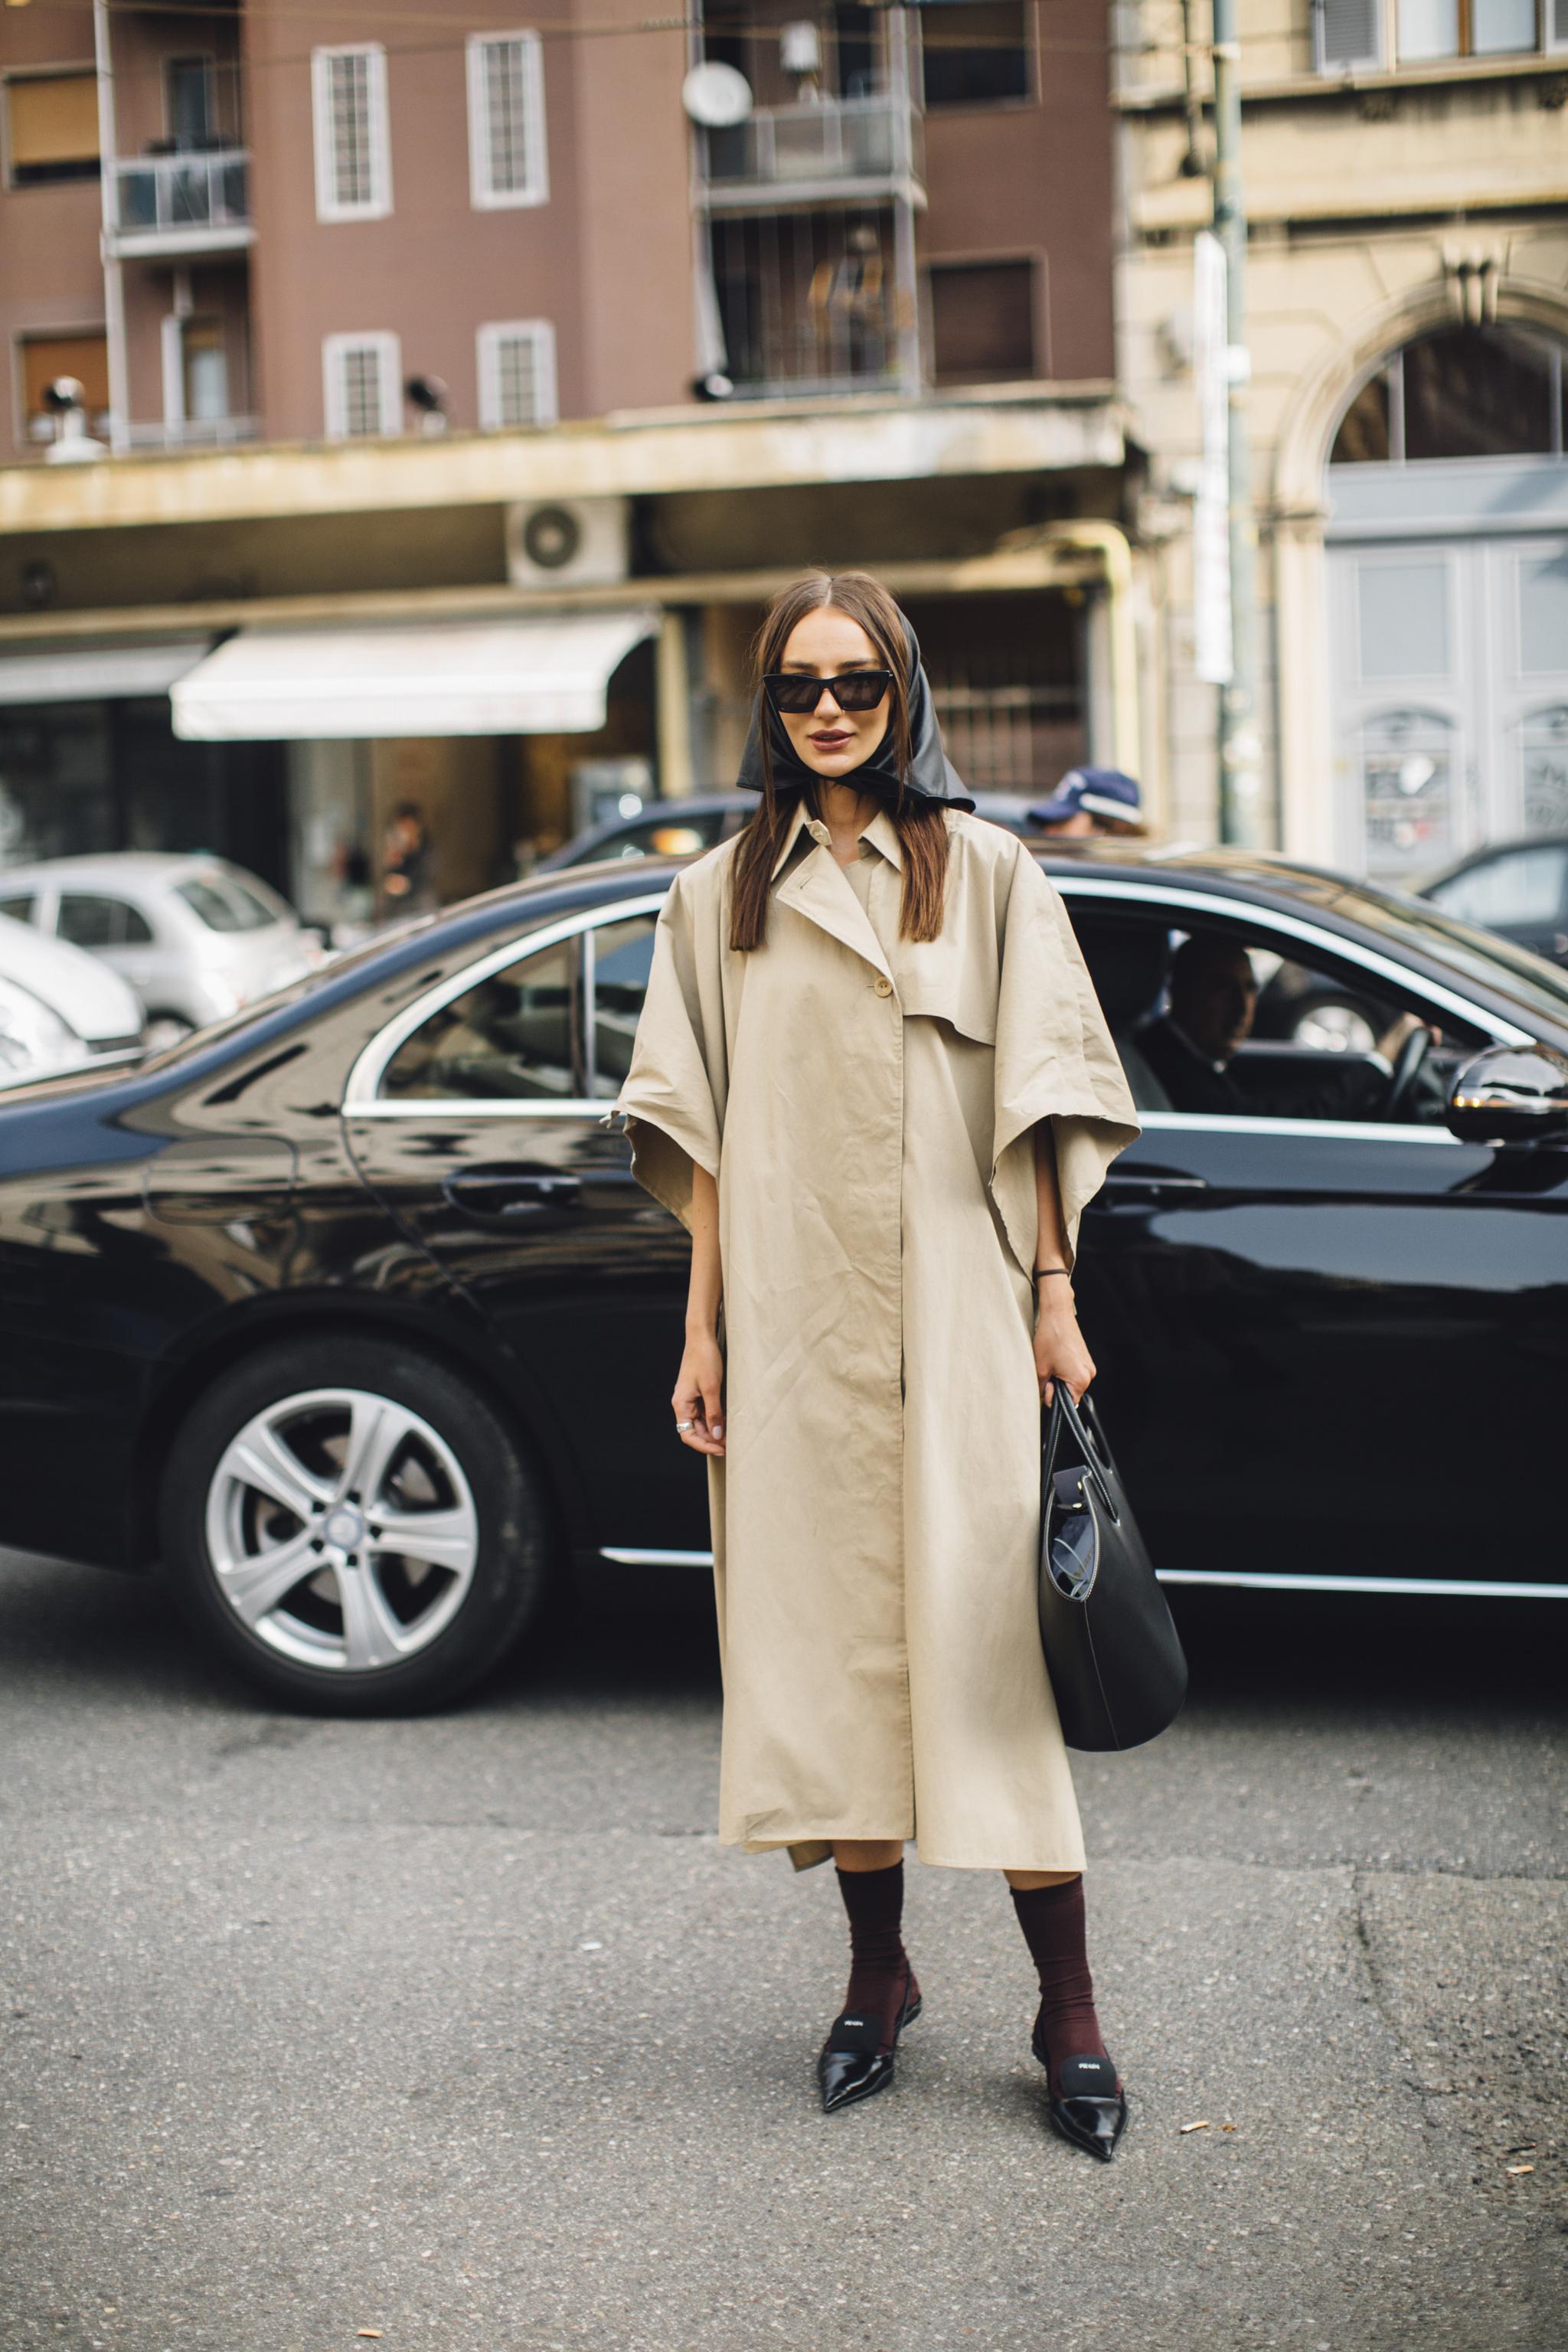 Corte minimalista, pañuelo en la cabeza y zapatos de Prada.